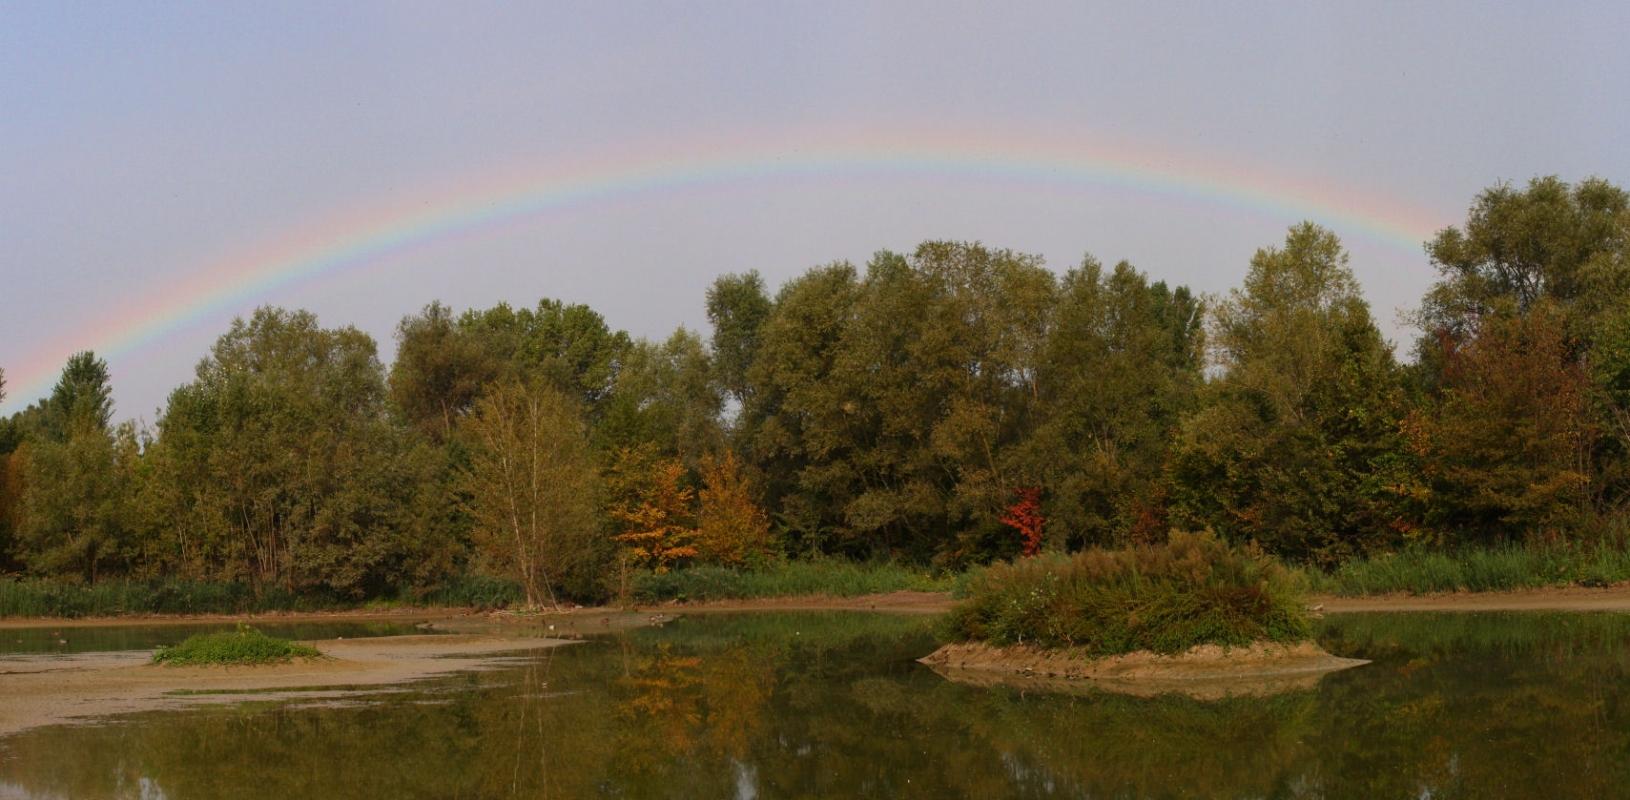 Arcobaleno dal capanno 3 - Giandobert - Reggio nell'Emilia (RE)